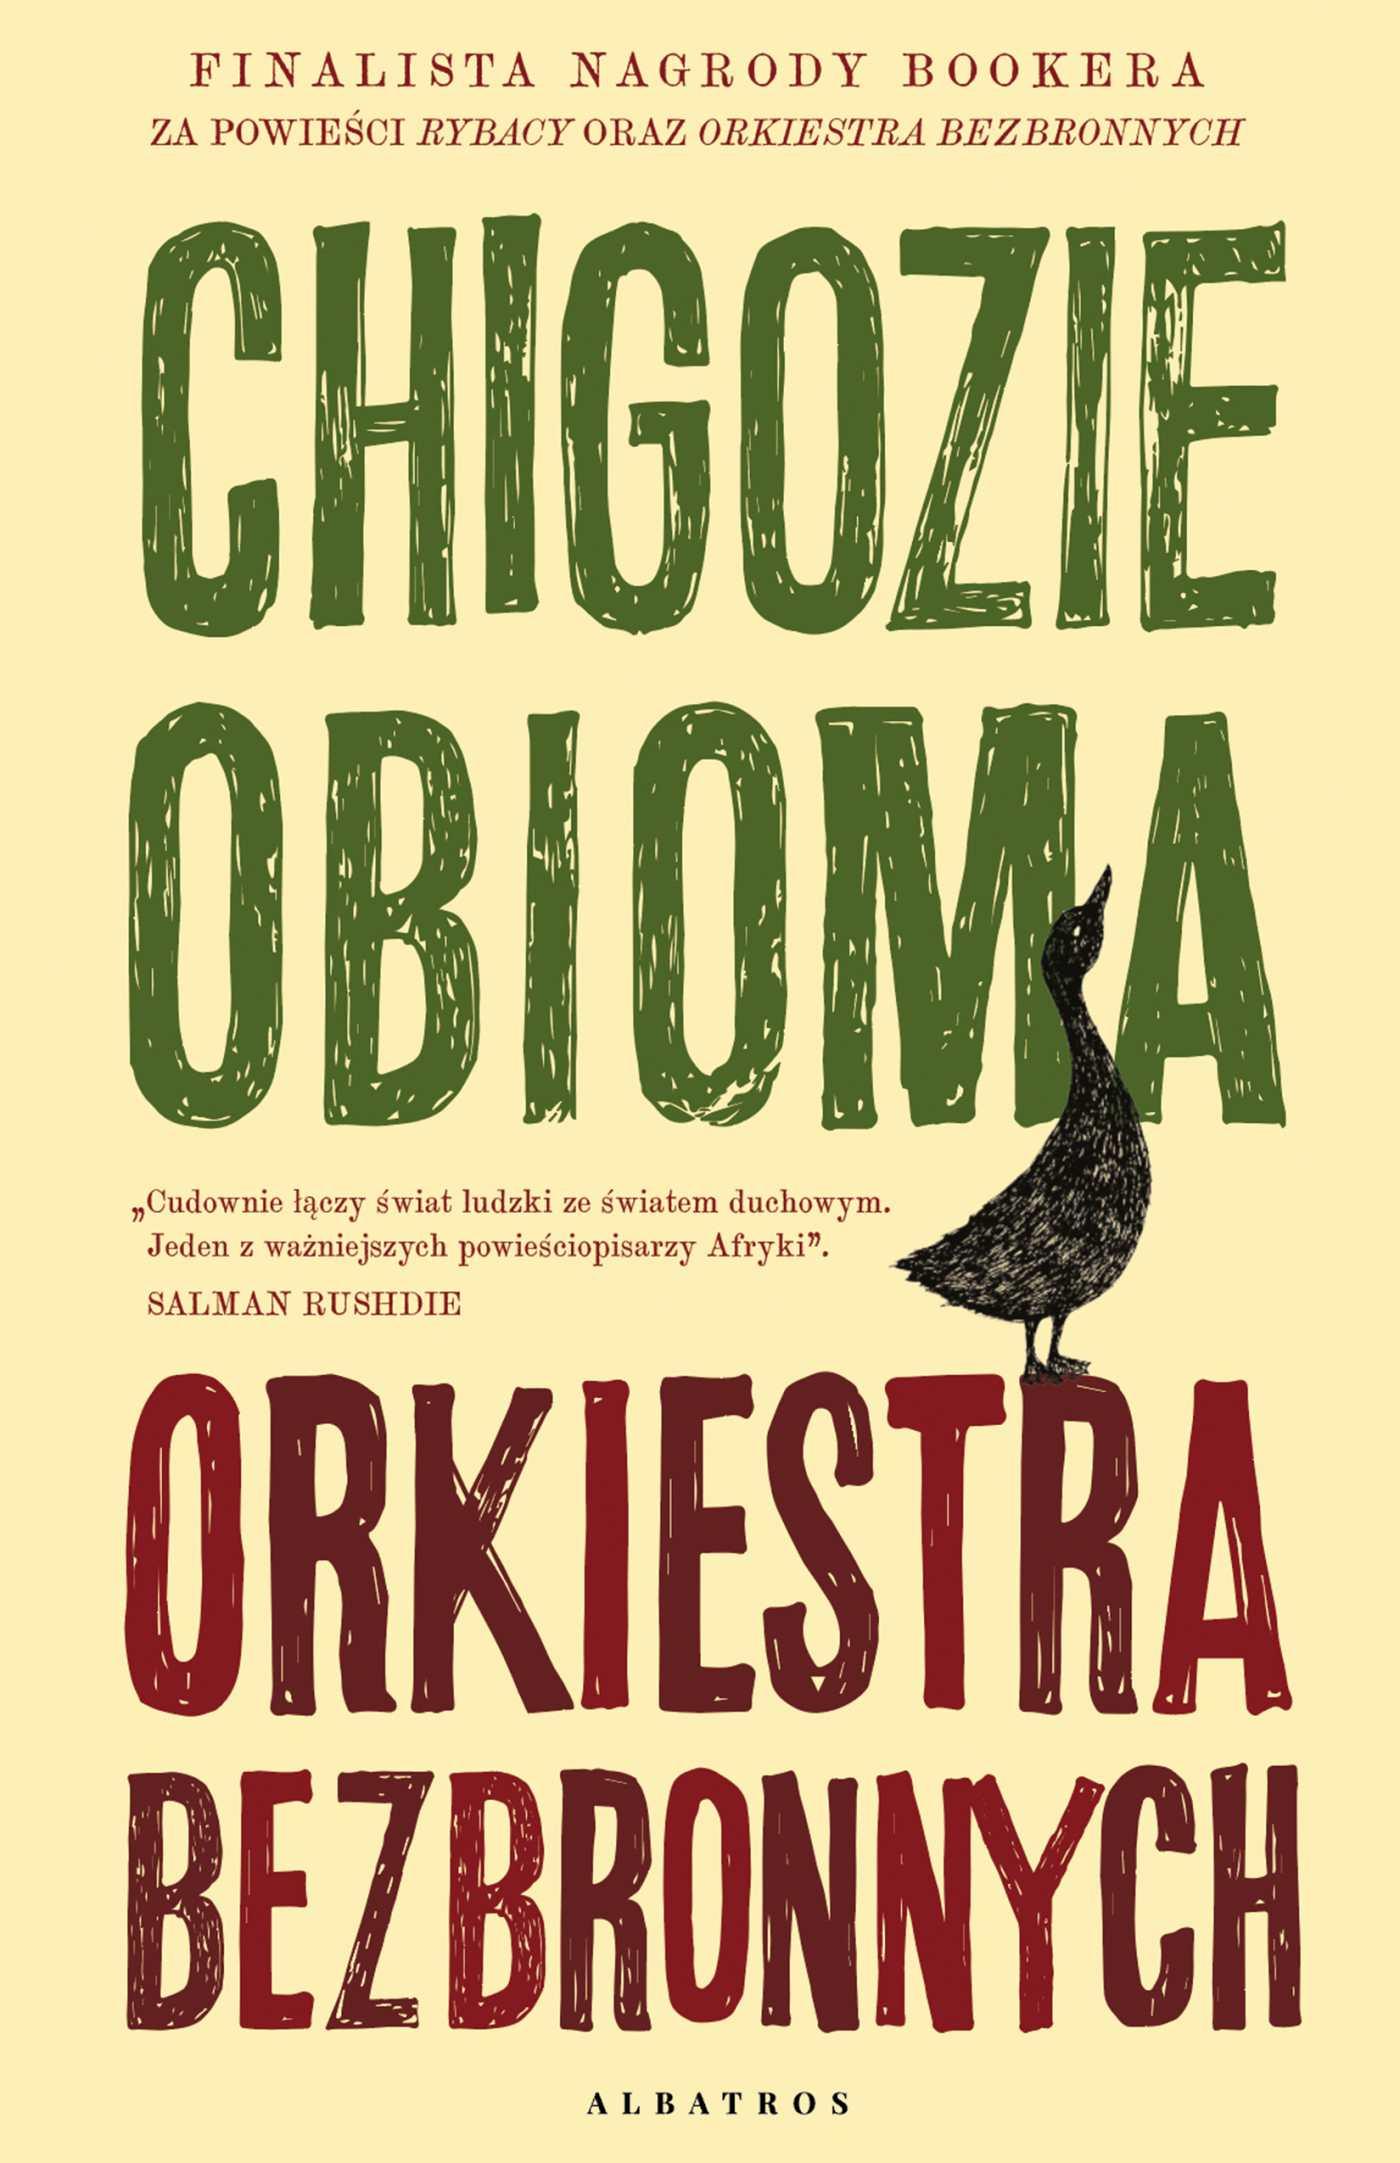 Orkiestra bezbronnych - Ebook (Książka na Kindle) do pobrania w formacie MOBI